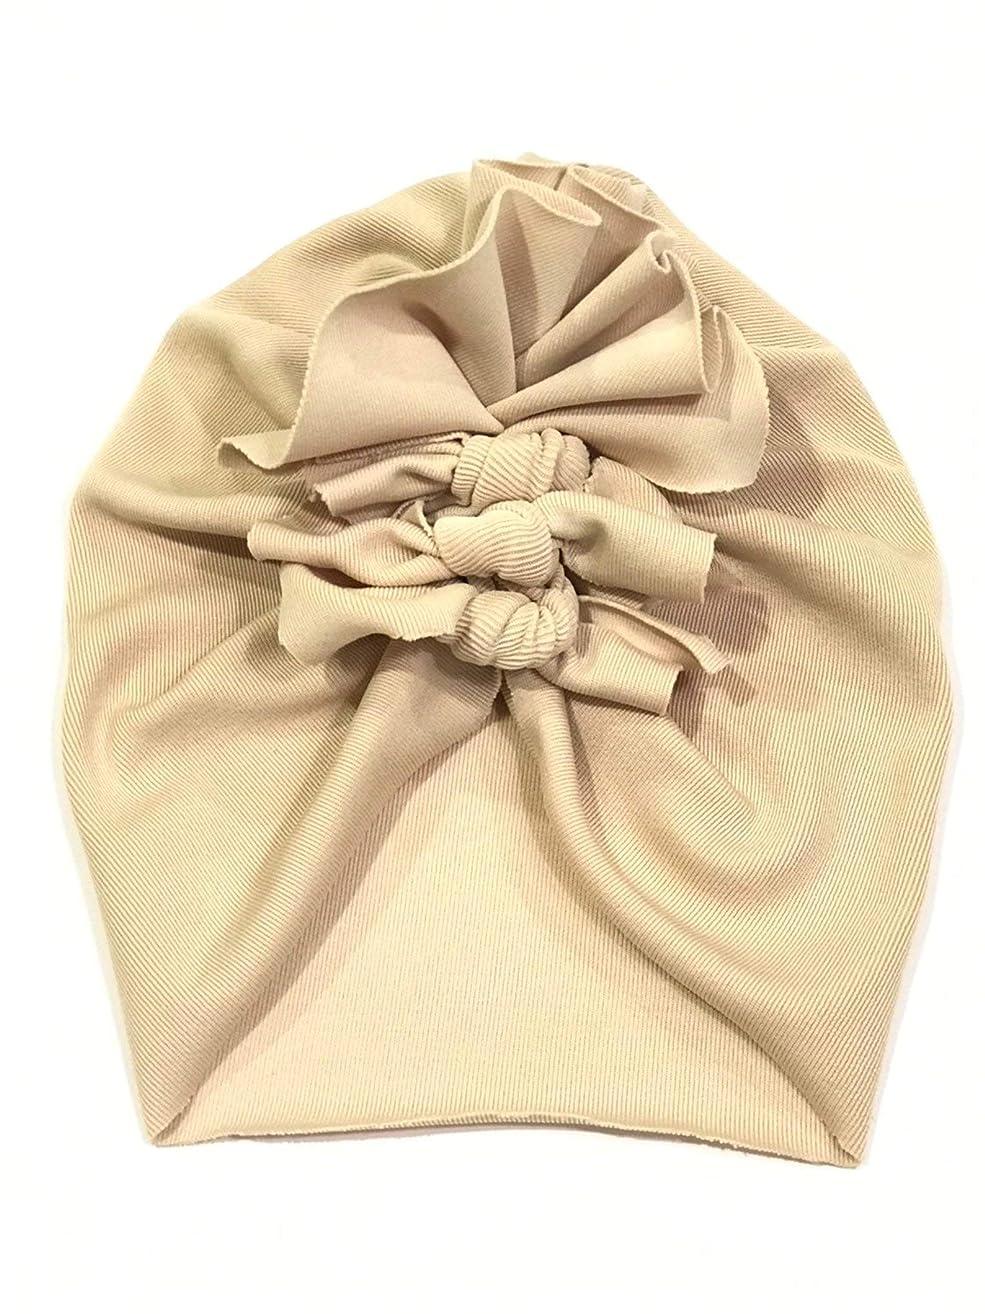 Head wrap Ruffles+Knots Beige|Baby Turban|Adult Turban|Top Knot Turban|Top Knot Baby Hat|Kids Turbans|Toddler Turban|Bun Turban|Newborn Turban